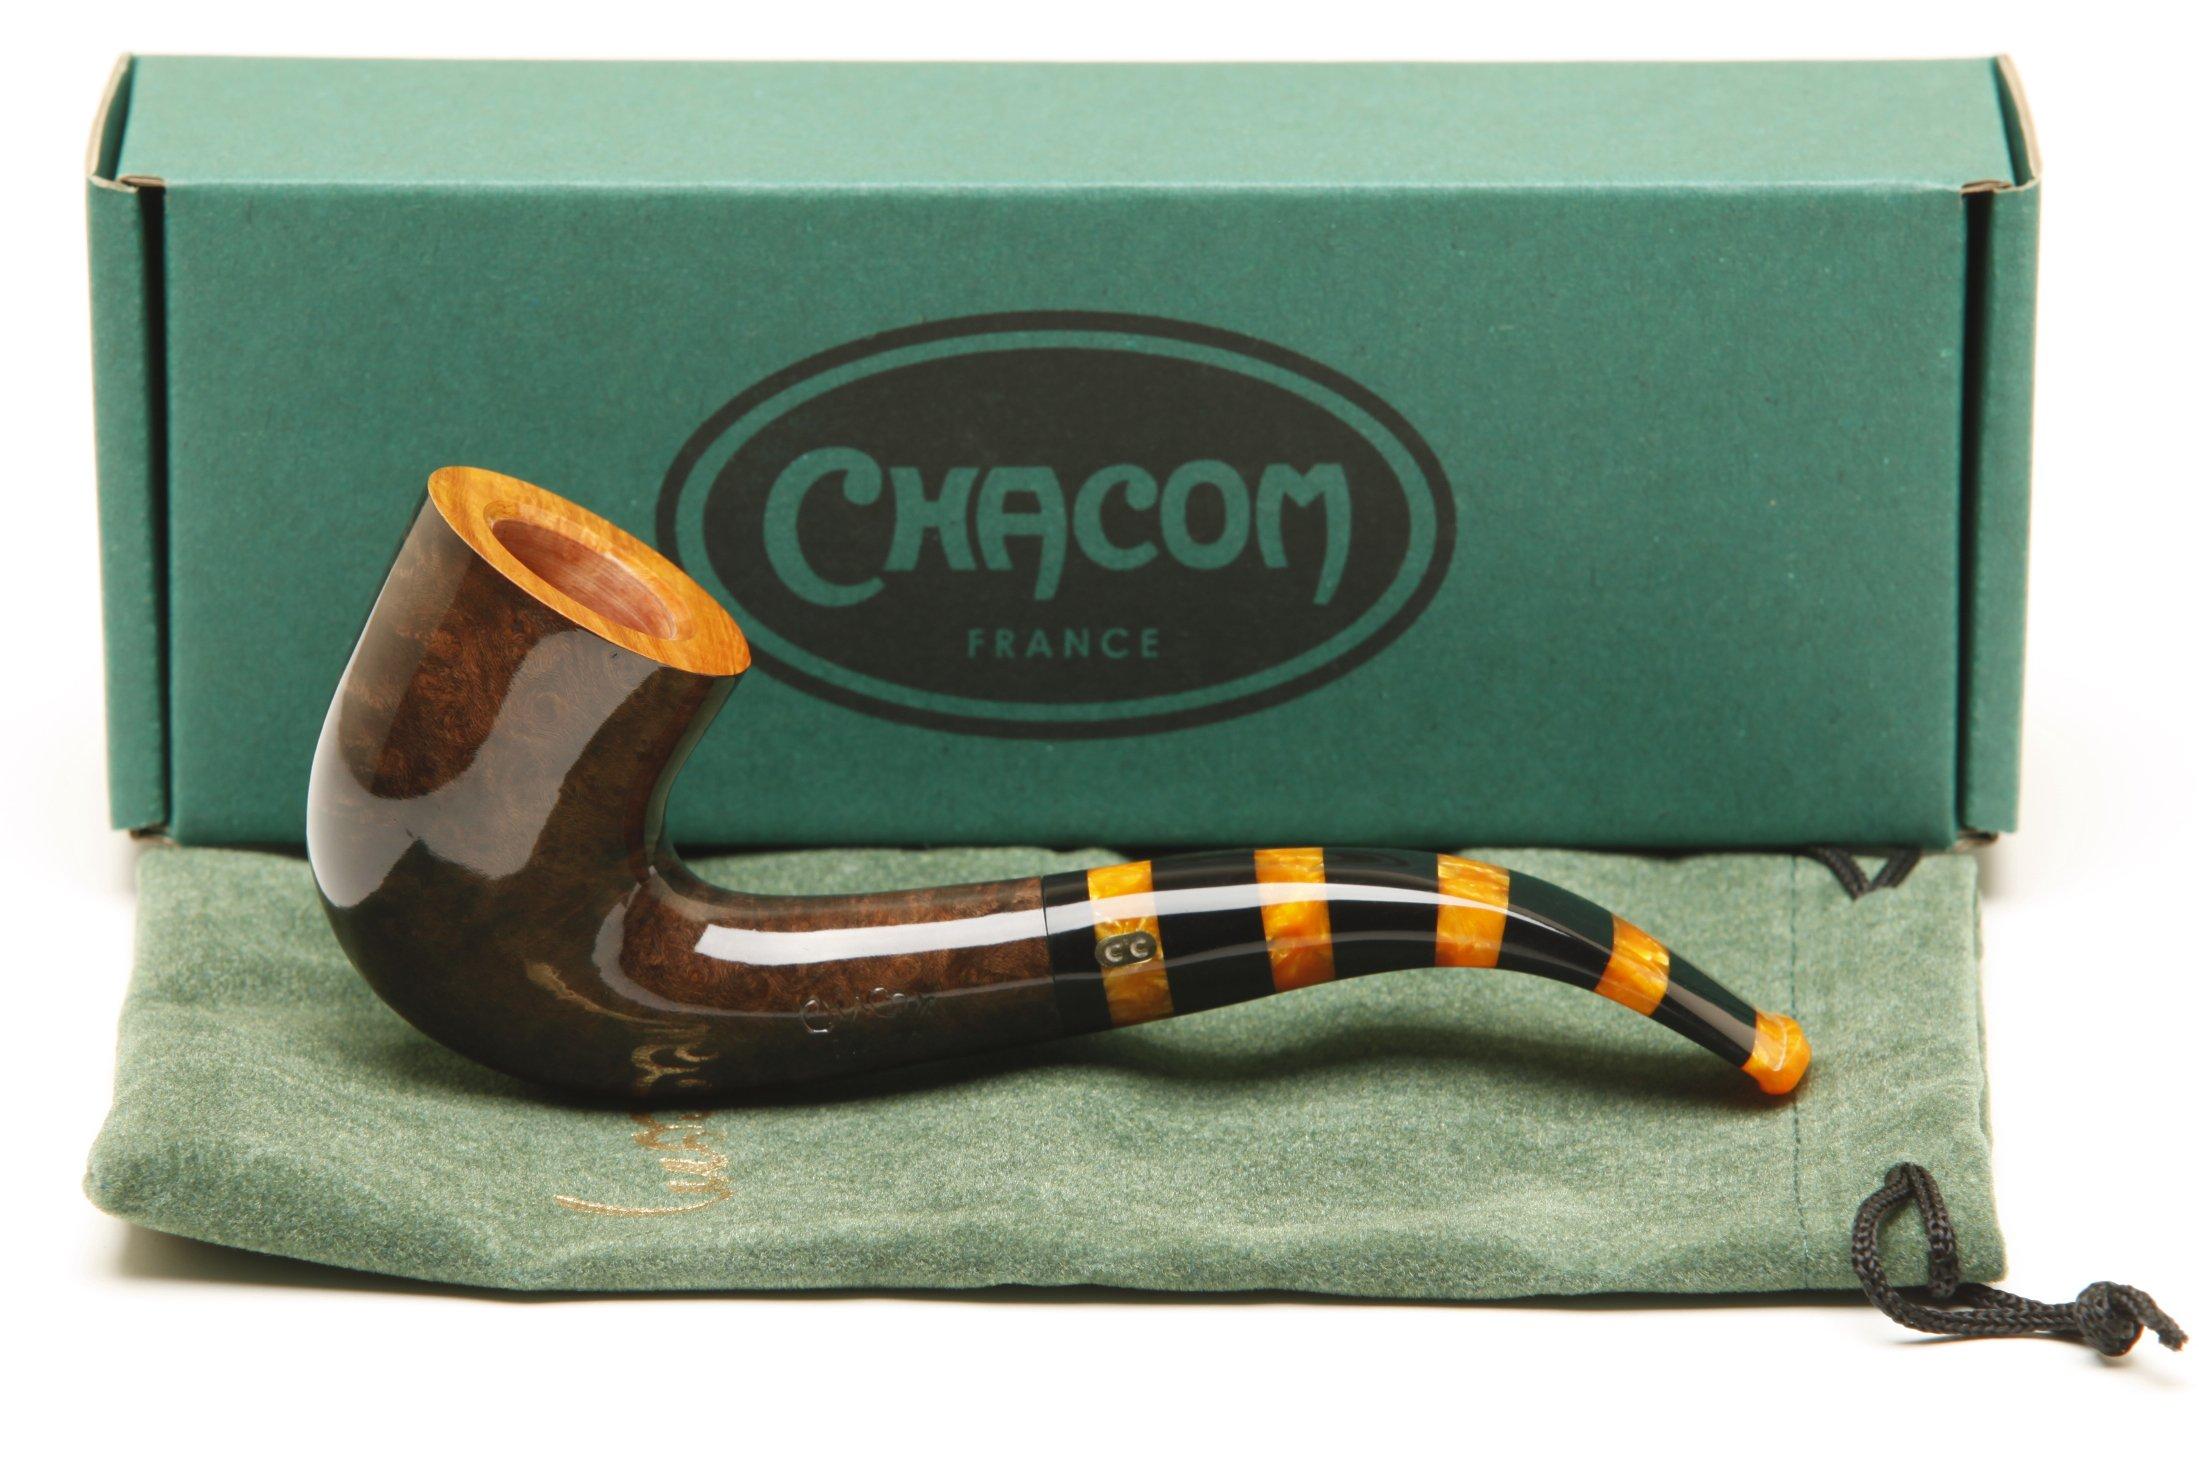 Chacom Maya 863 Smooth Tobacco Pipe